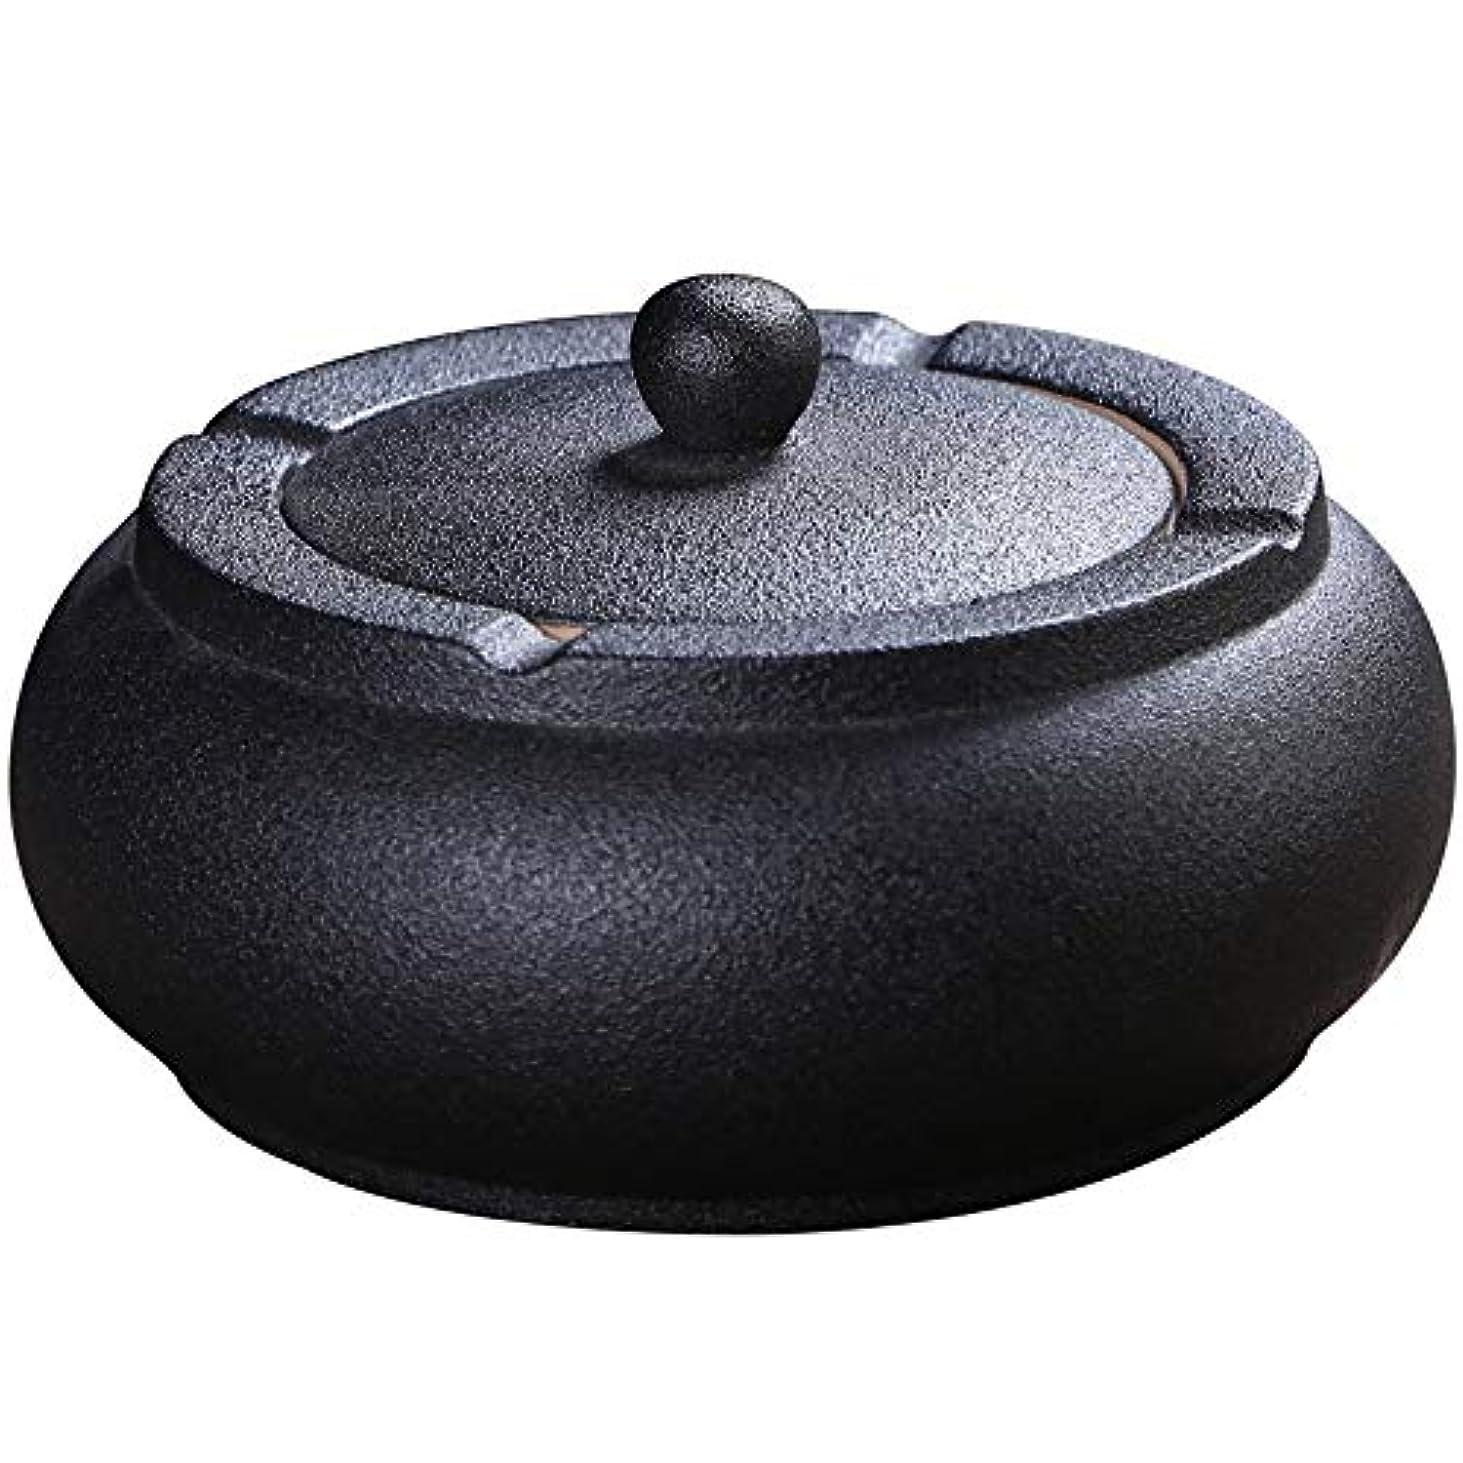 製品告白する公平ふたが付いている陶磁器の灰皿、防風、喫煙者のための灰のホールダー、ホームオフィスの装飾の黒のためのデスクトップの喫煙灰皿